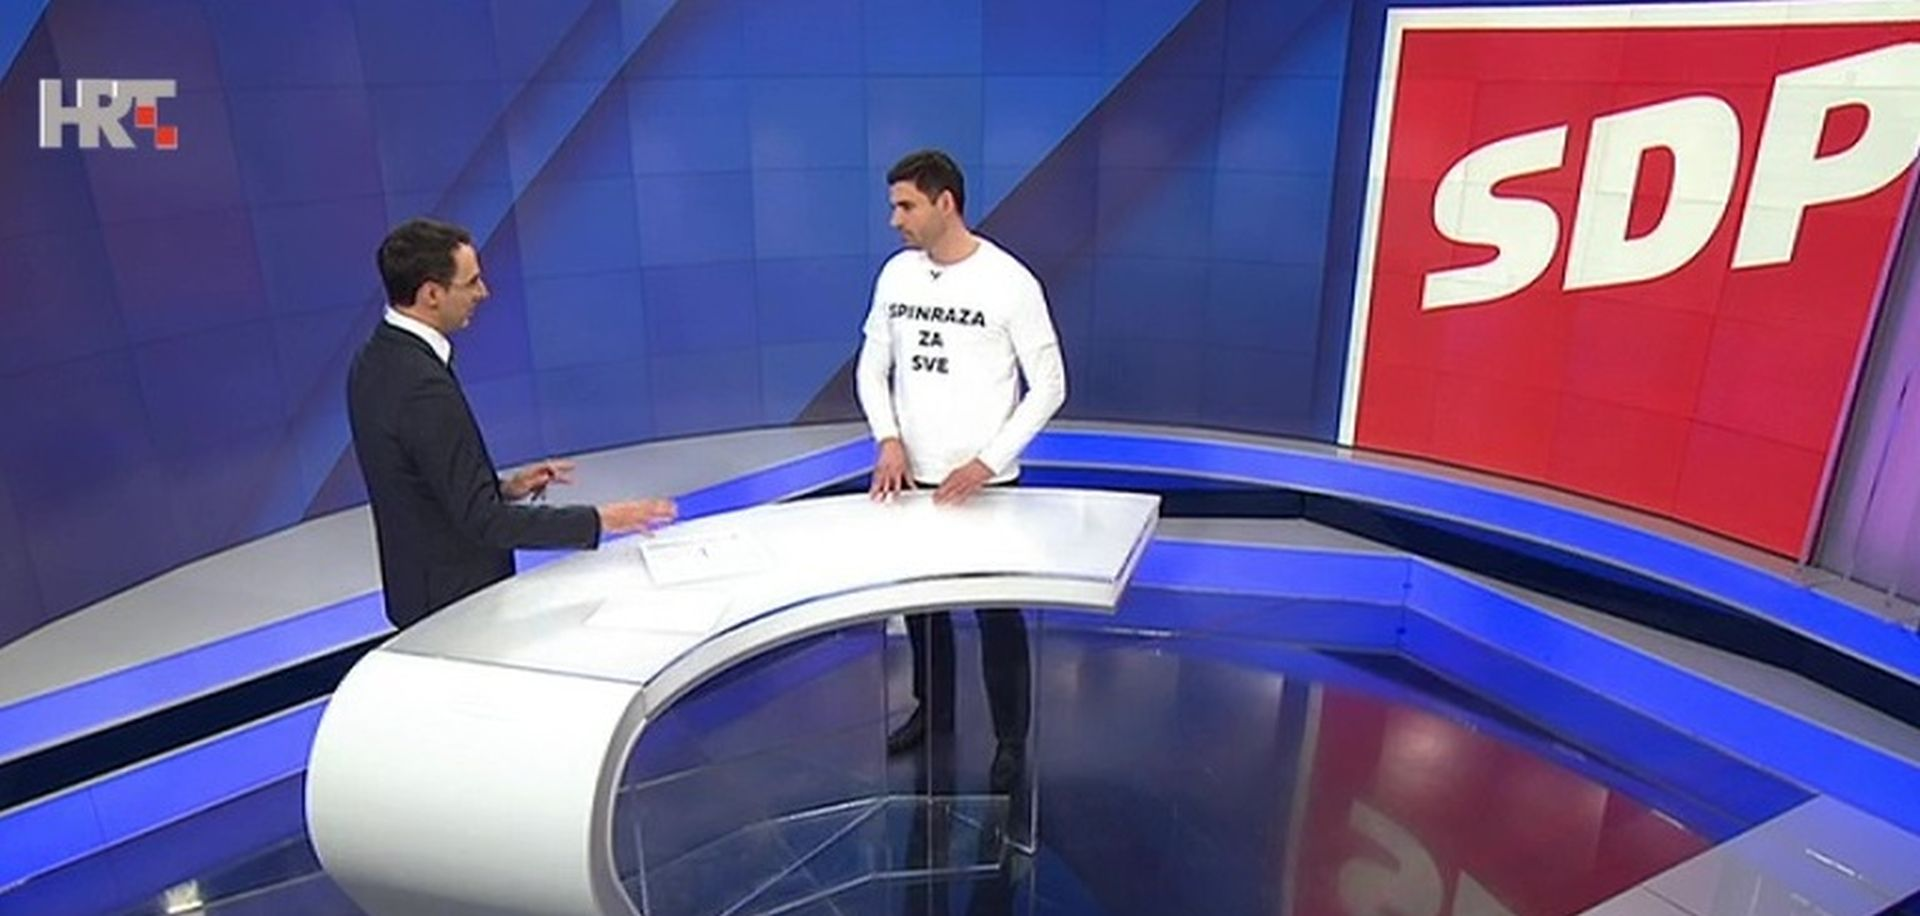 Bernardić na HTV-u u majici Spinraza, nije uspio pričati o njoj